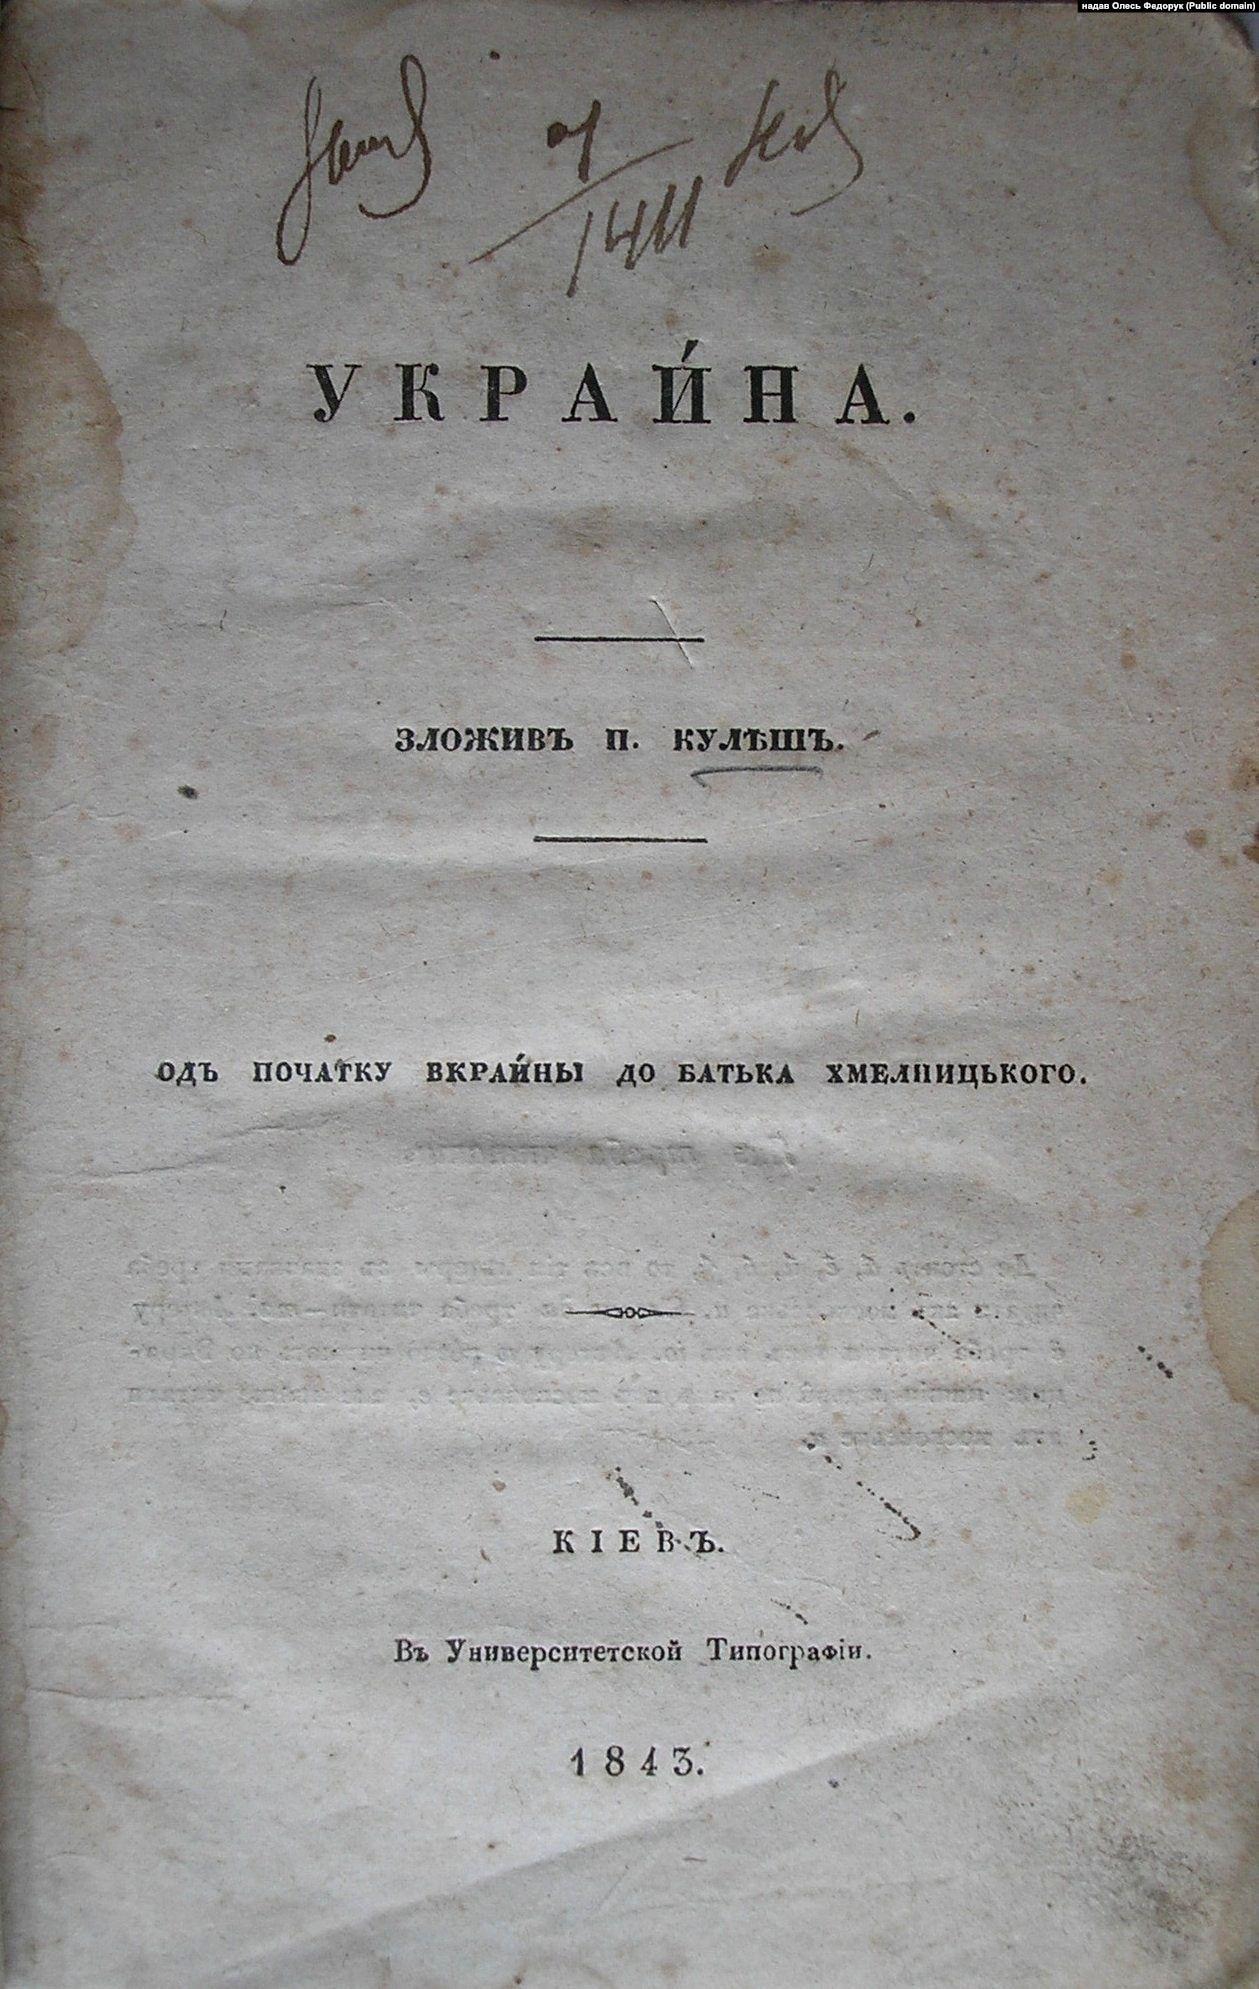 Пантелеймон Куліш – 200 років: ТОП-10 фактів про творчість - Українська мова - 8A807D52 1D2E 4C16 817C E6C7F9F3DDA1 w1597 n r0 st